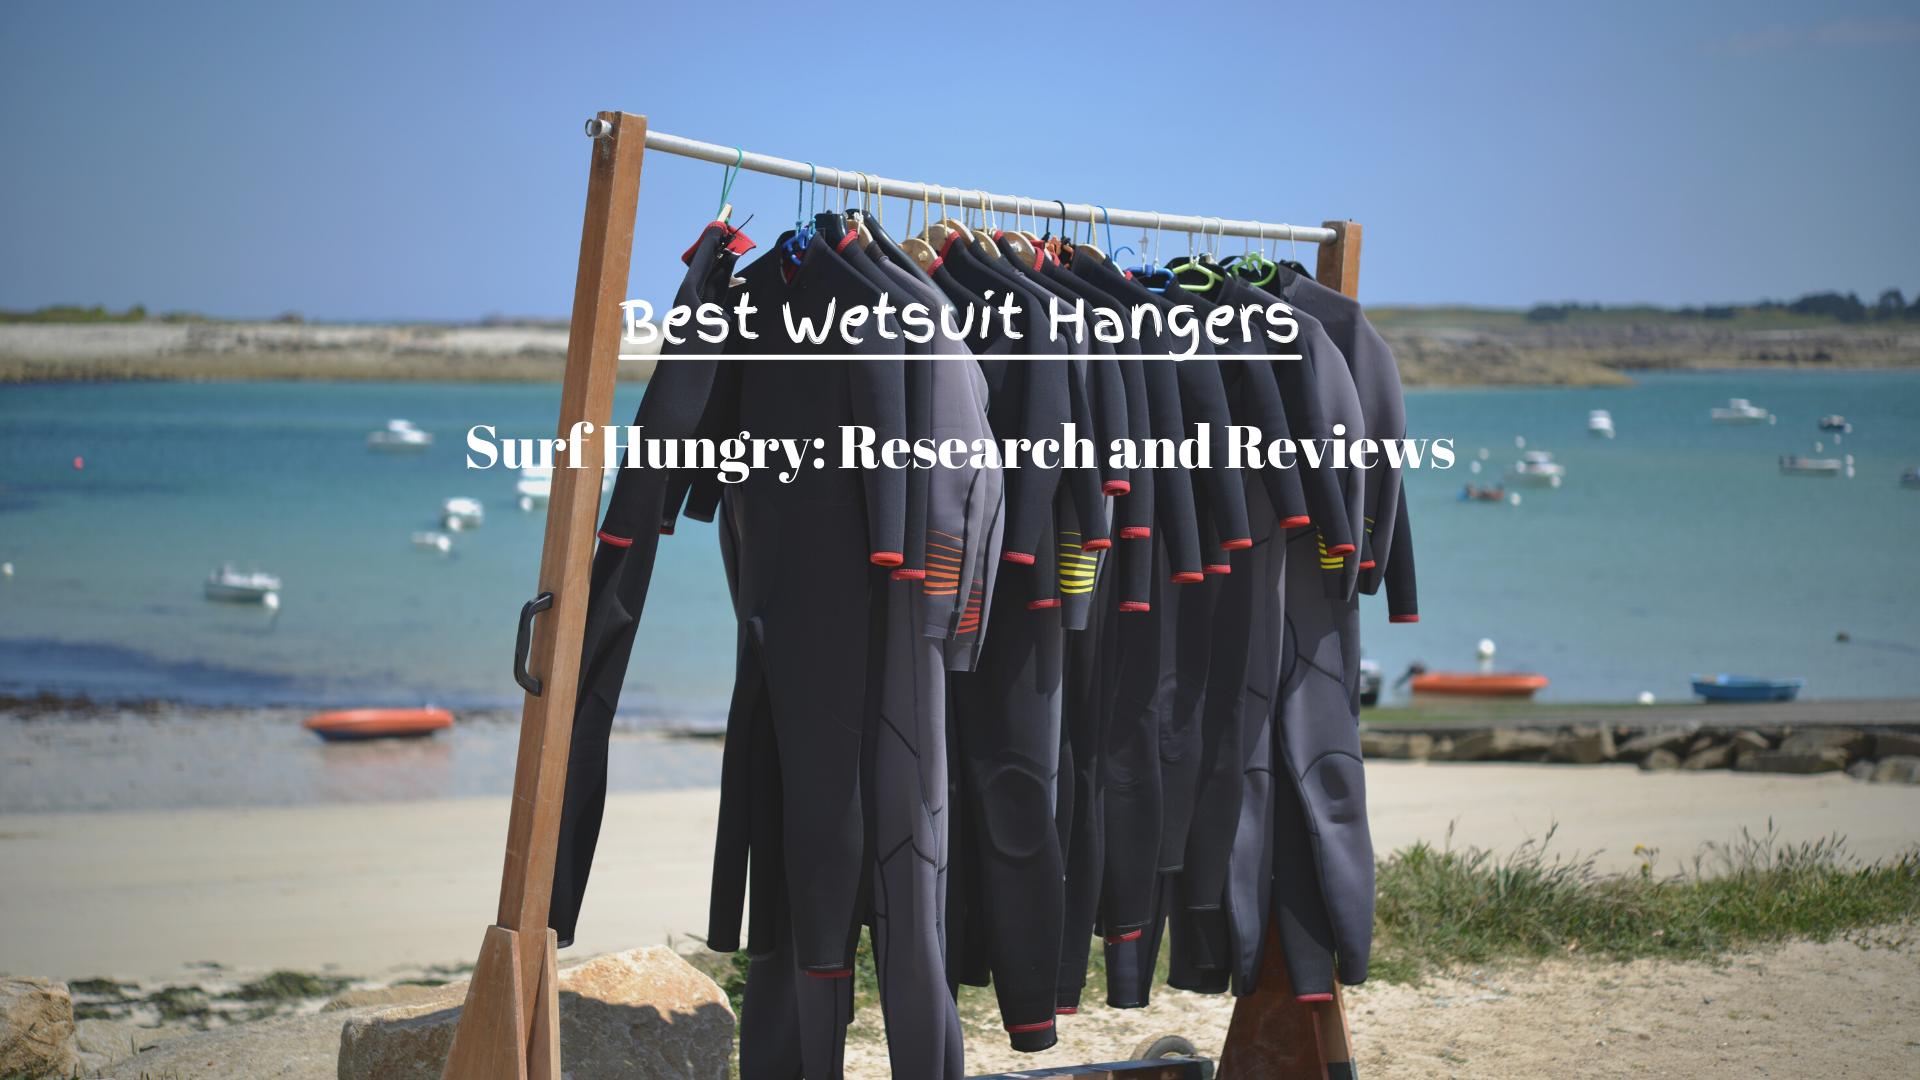 Best Wetsuit Hangers